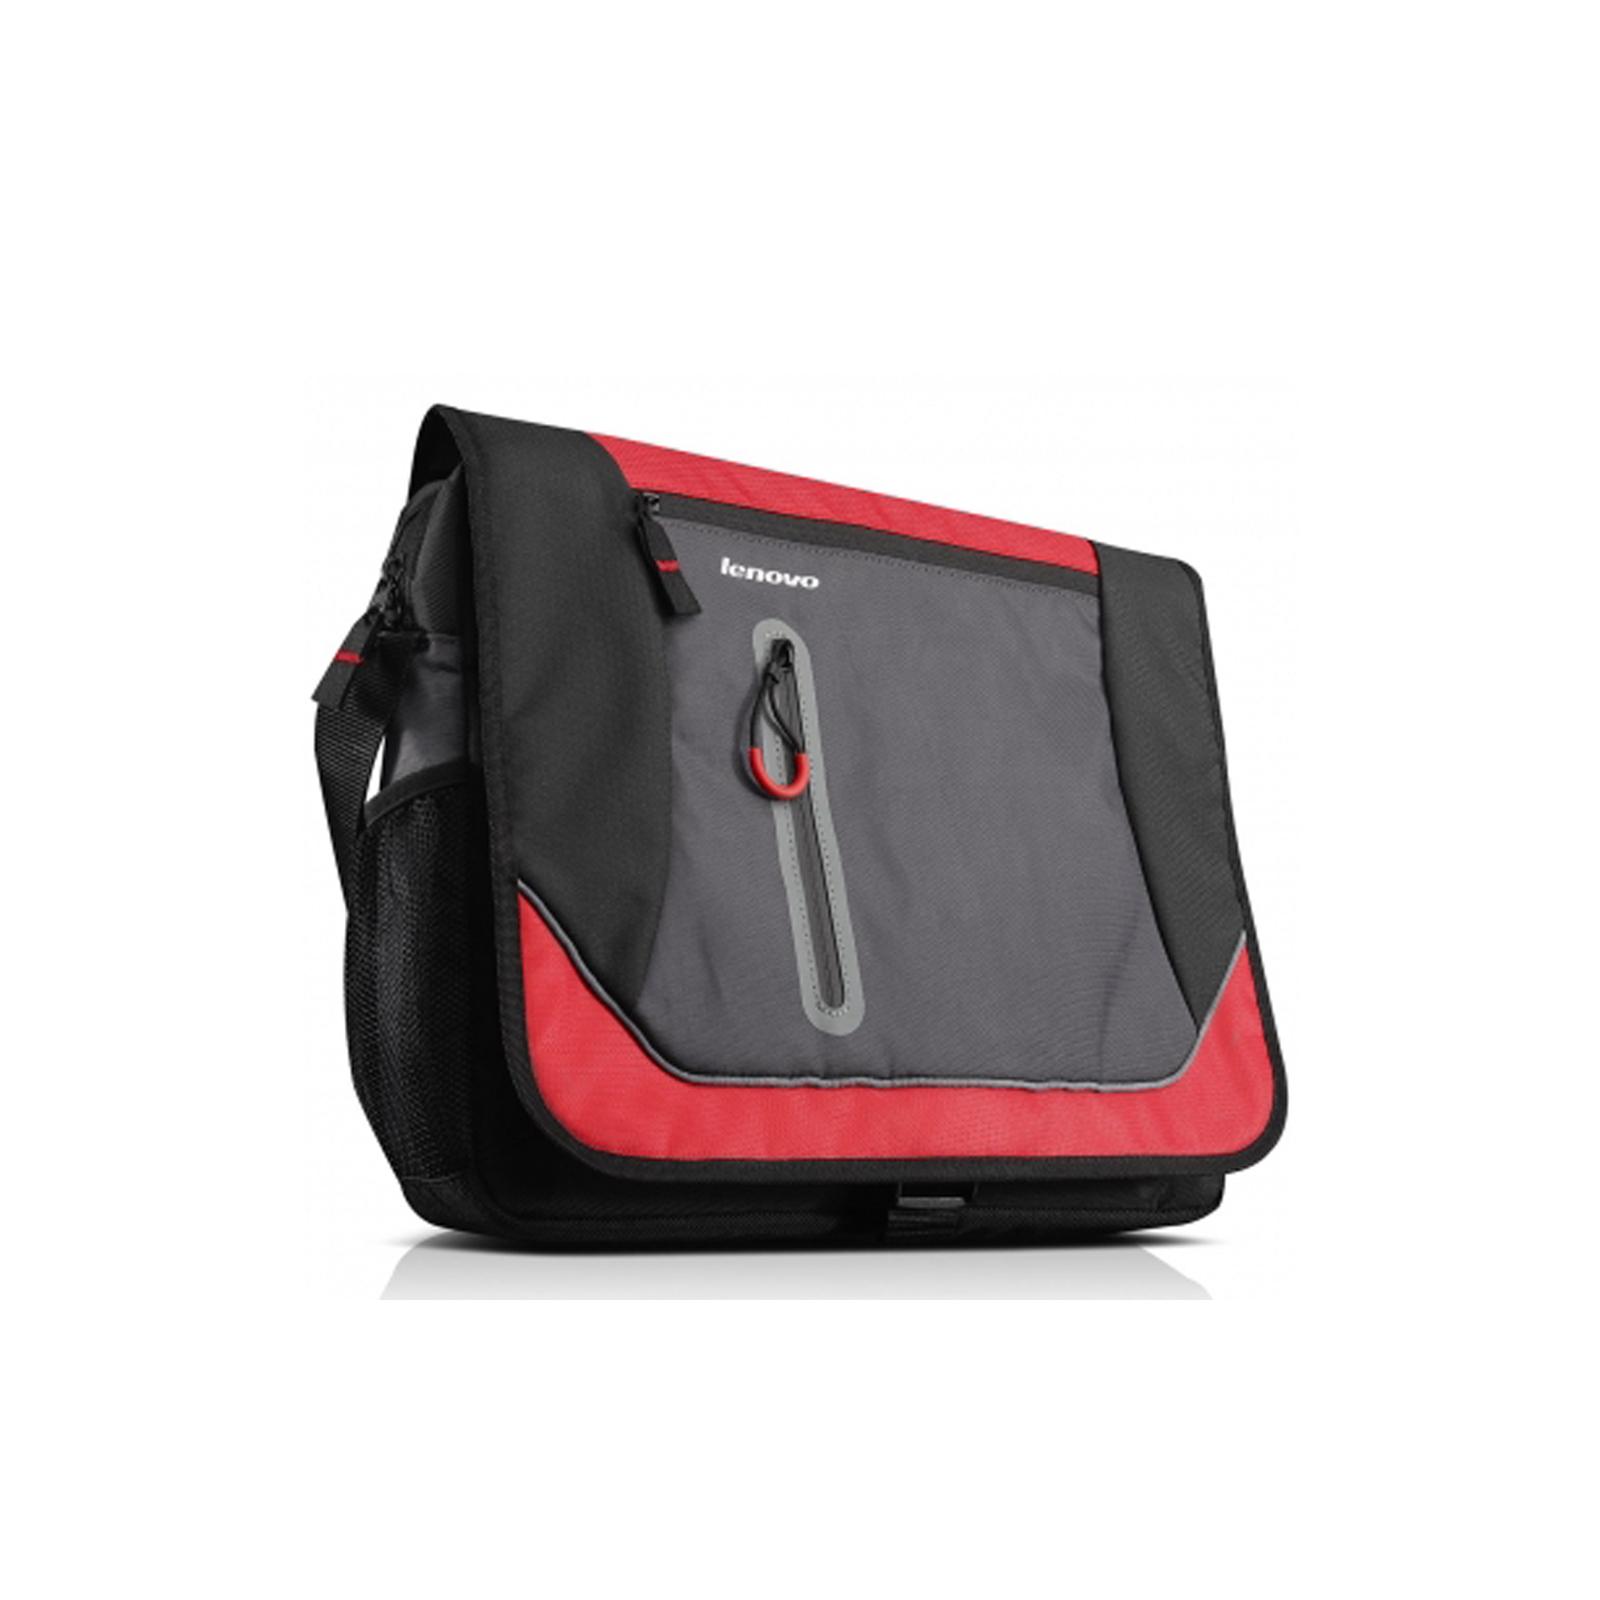 Сумка для ноутбука Lenovo 15.6 Sport Messenger Red (0A33898) изображение 2